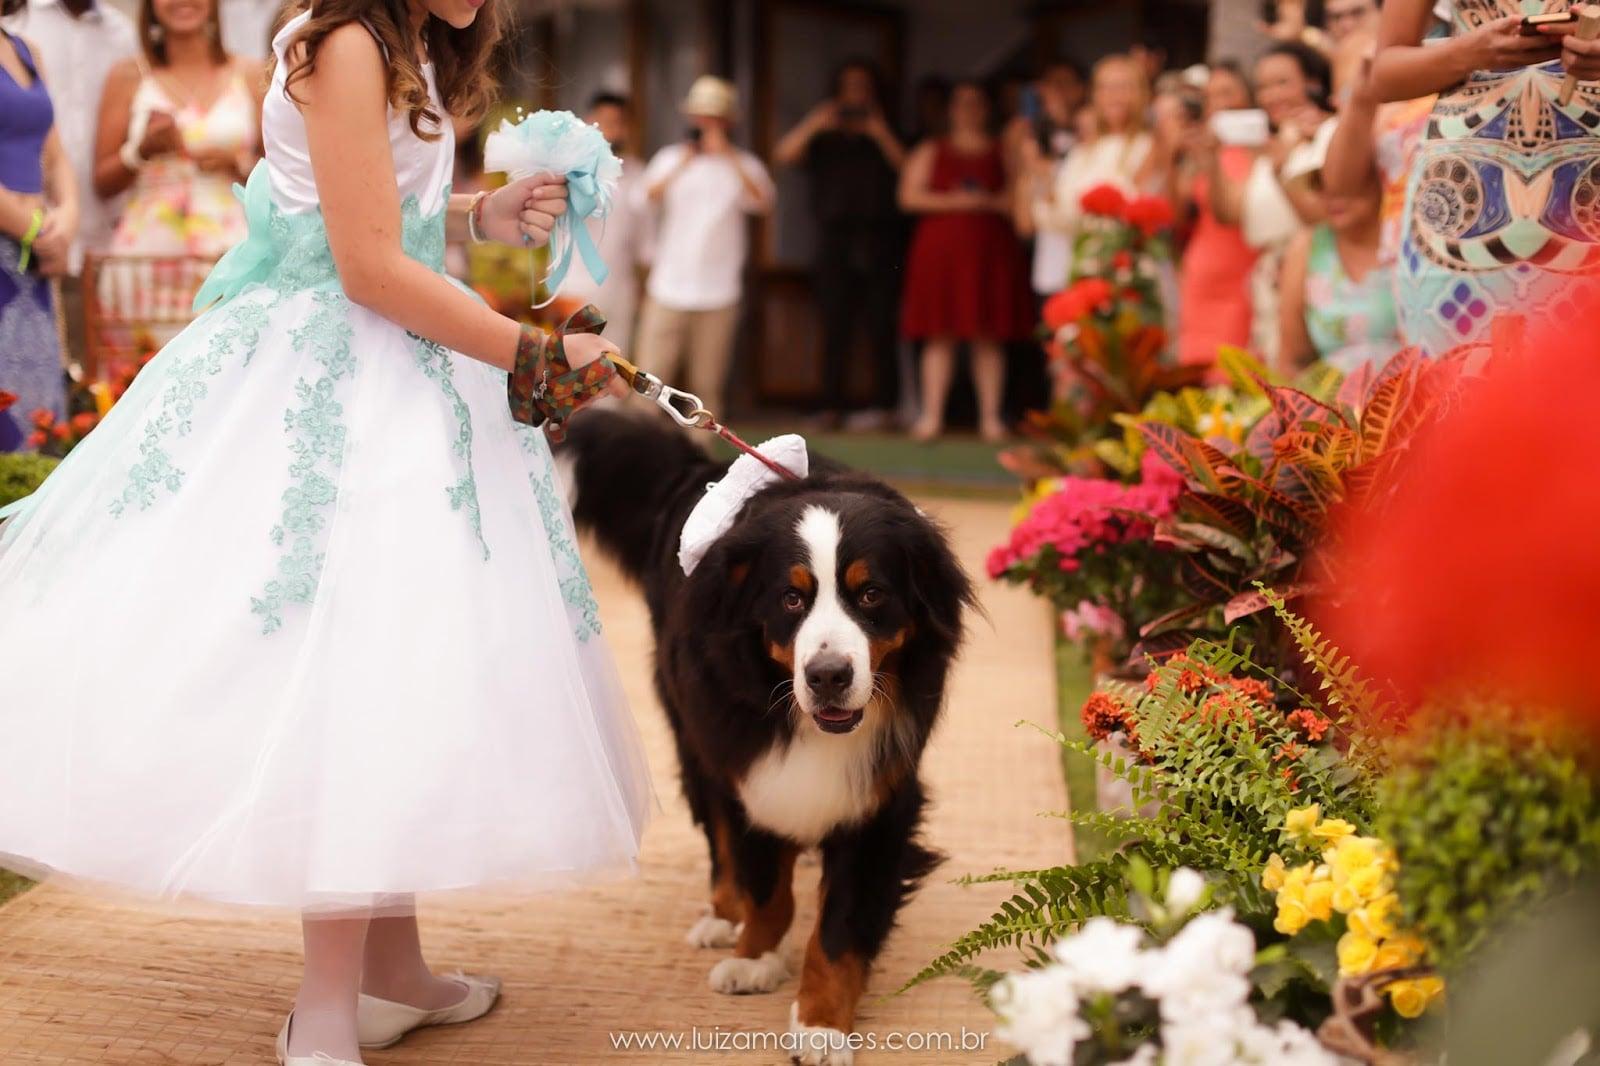 Cachorro no casamento. Foto: Luiza Marques. Mais inspirações no site Planejando Meu Casamento ( www.planejandomeucasamento.com.br ).